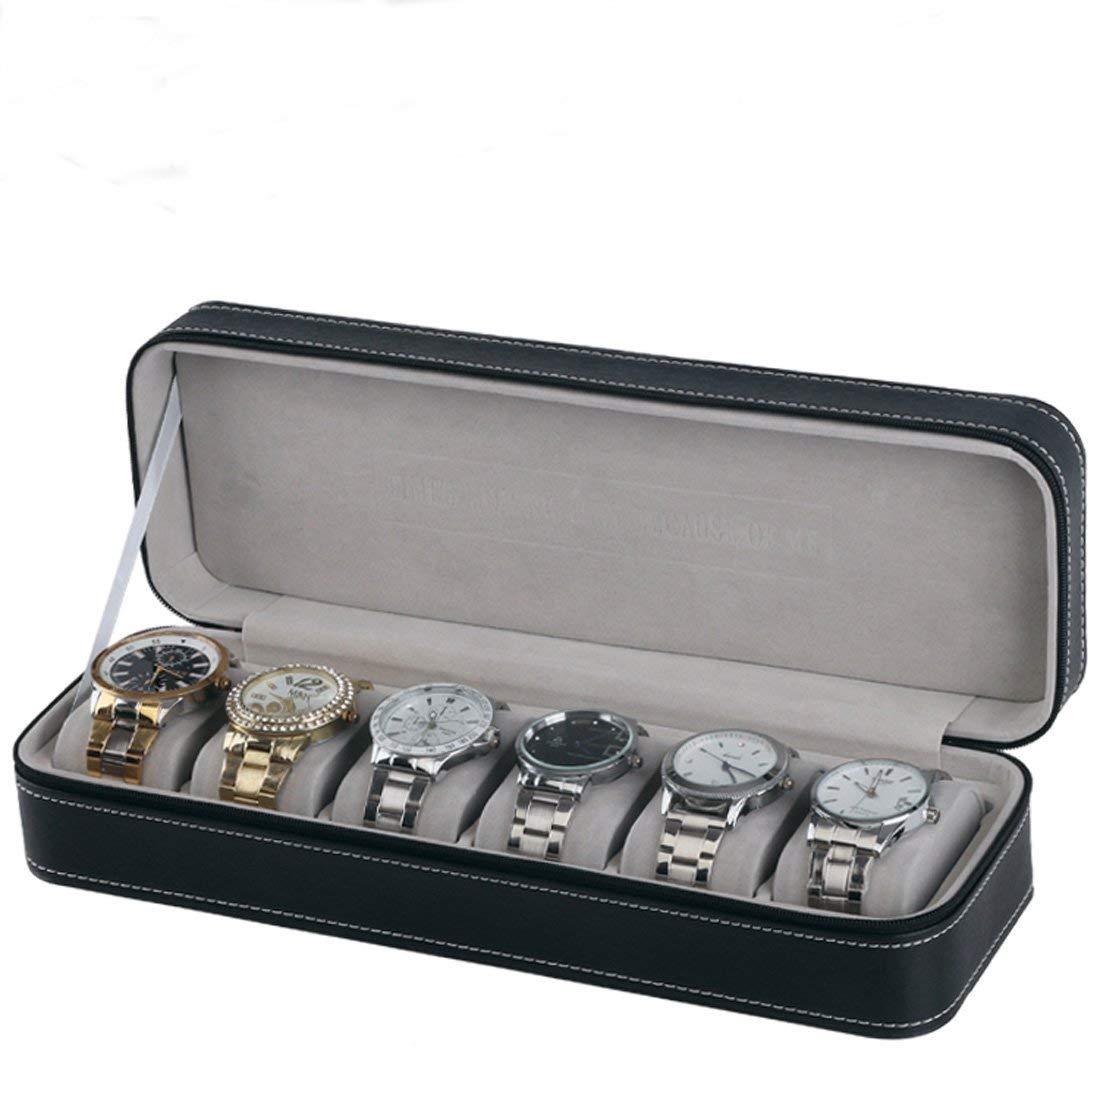 Image 5 - 6 Slot Watch Box przenośne etui z suwakiem pudełko do przechowywania biżuterii (czarny)Pudełka do zegarków   -